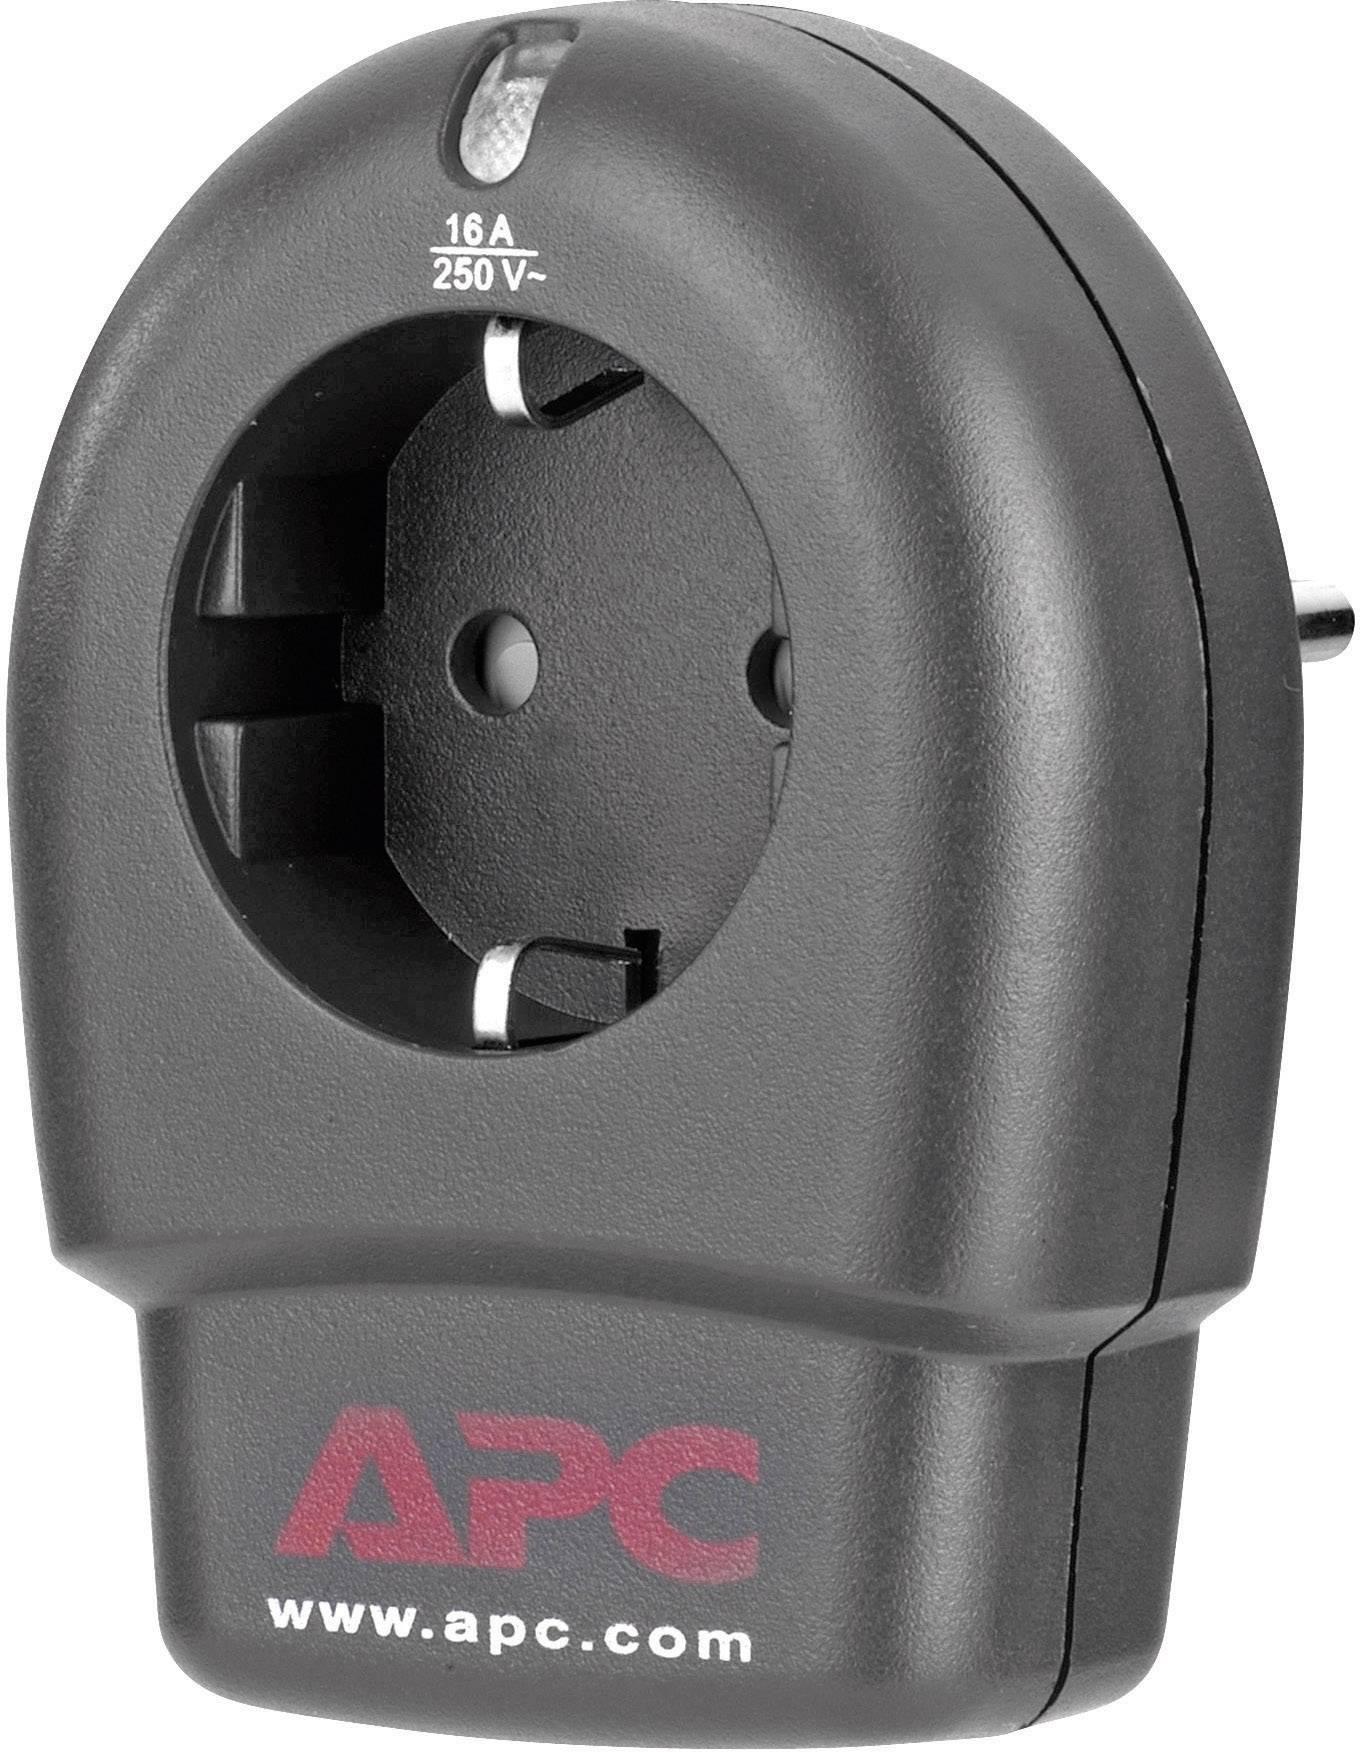 Medzizásuvka s prepäťovou ochranou APC by Schneider Electric P1T-GR 1406762, 13 kA, antracitová